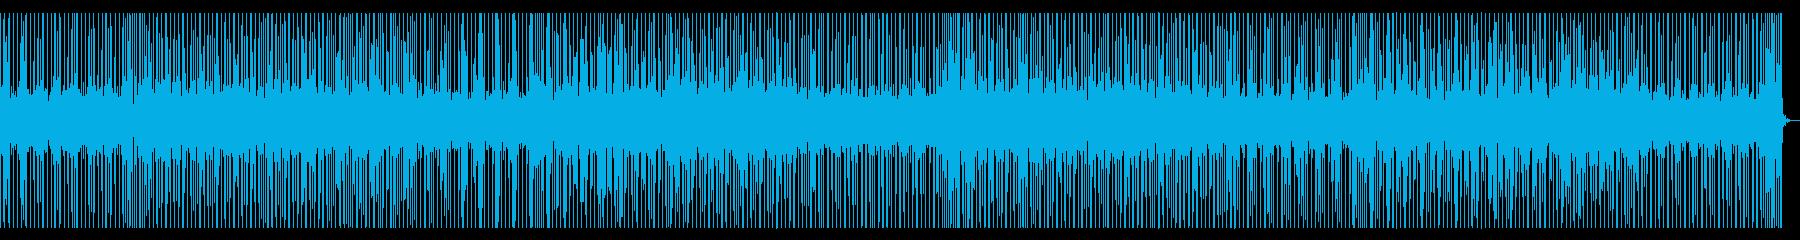 報道・ニュース・真面目・サイエンス・技術の再生済みの波形